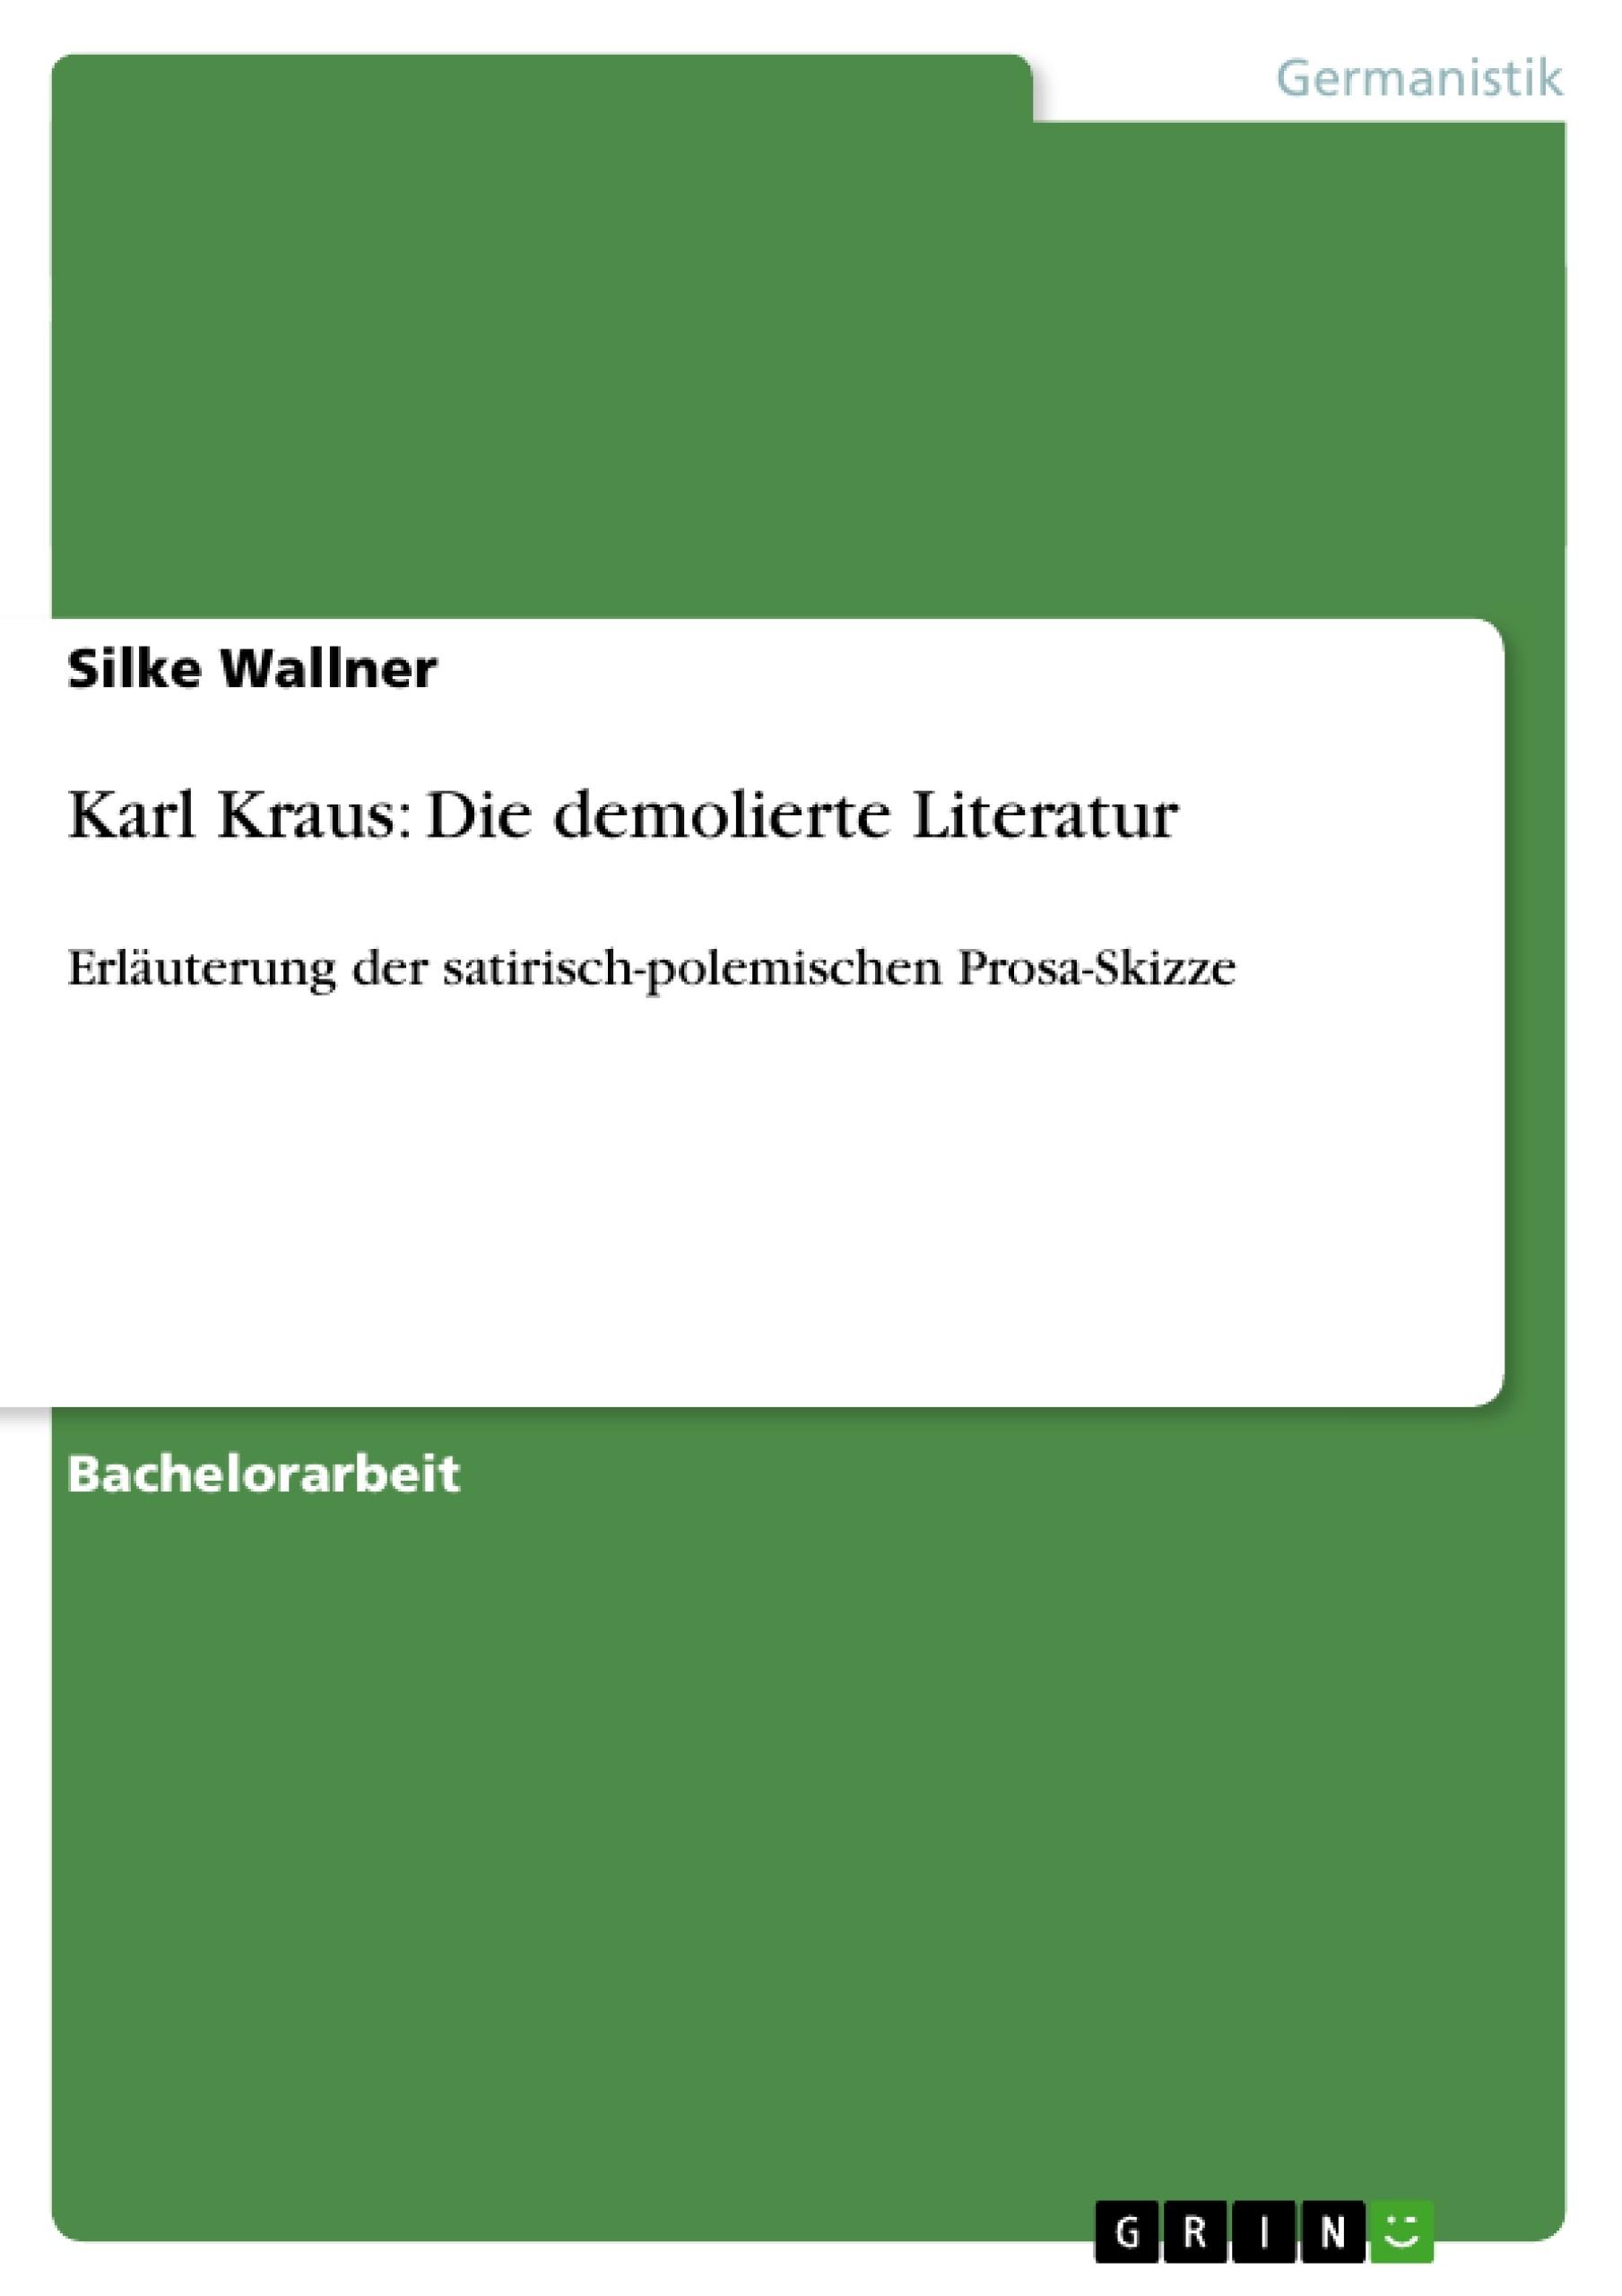 Titel: Karl Kraus: Die demolierte Literatur